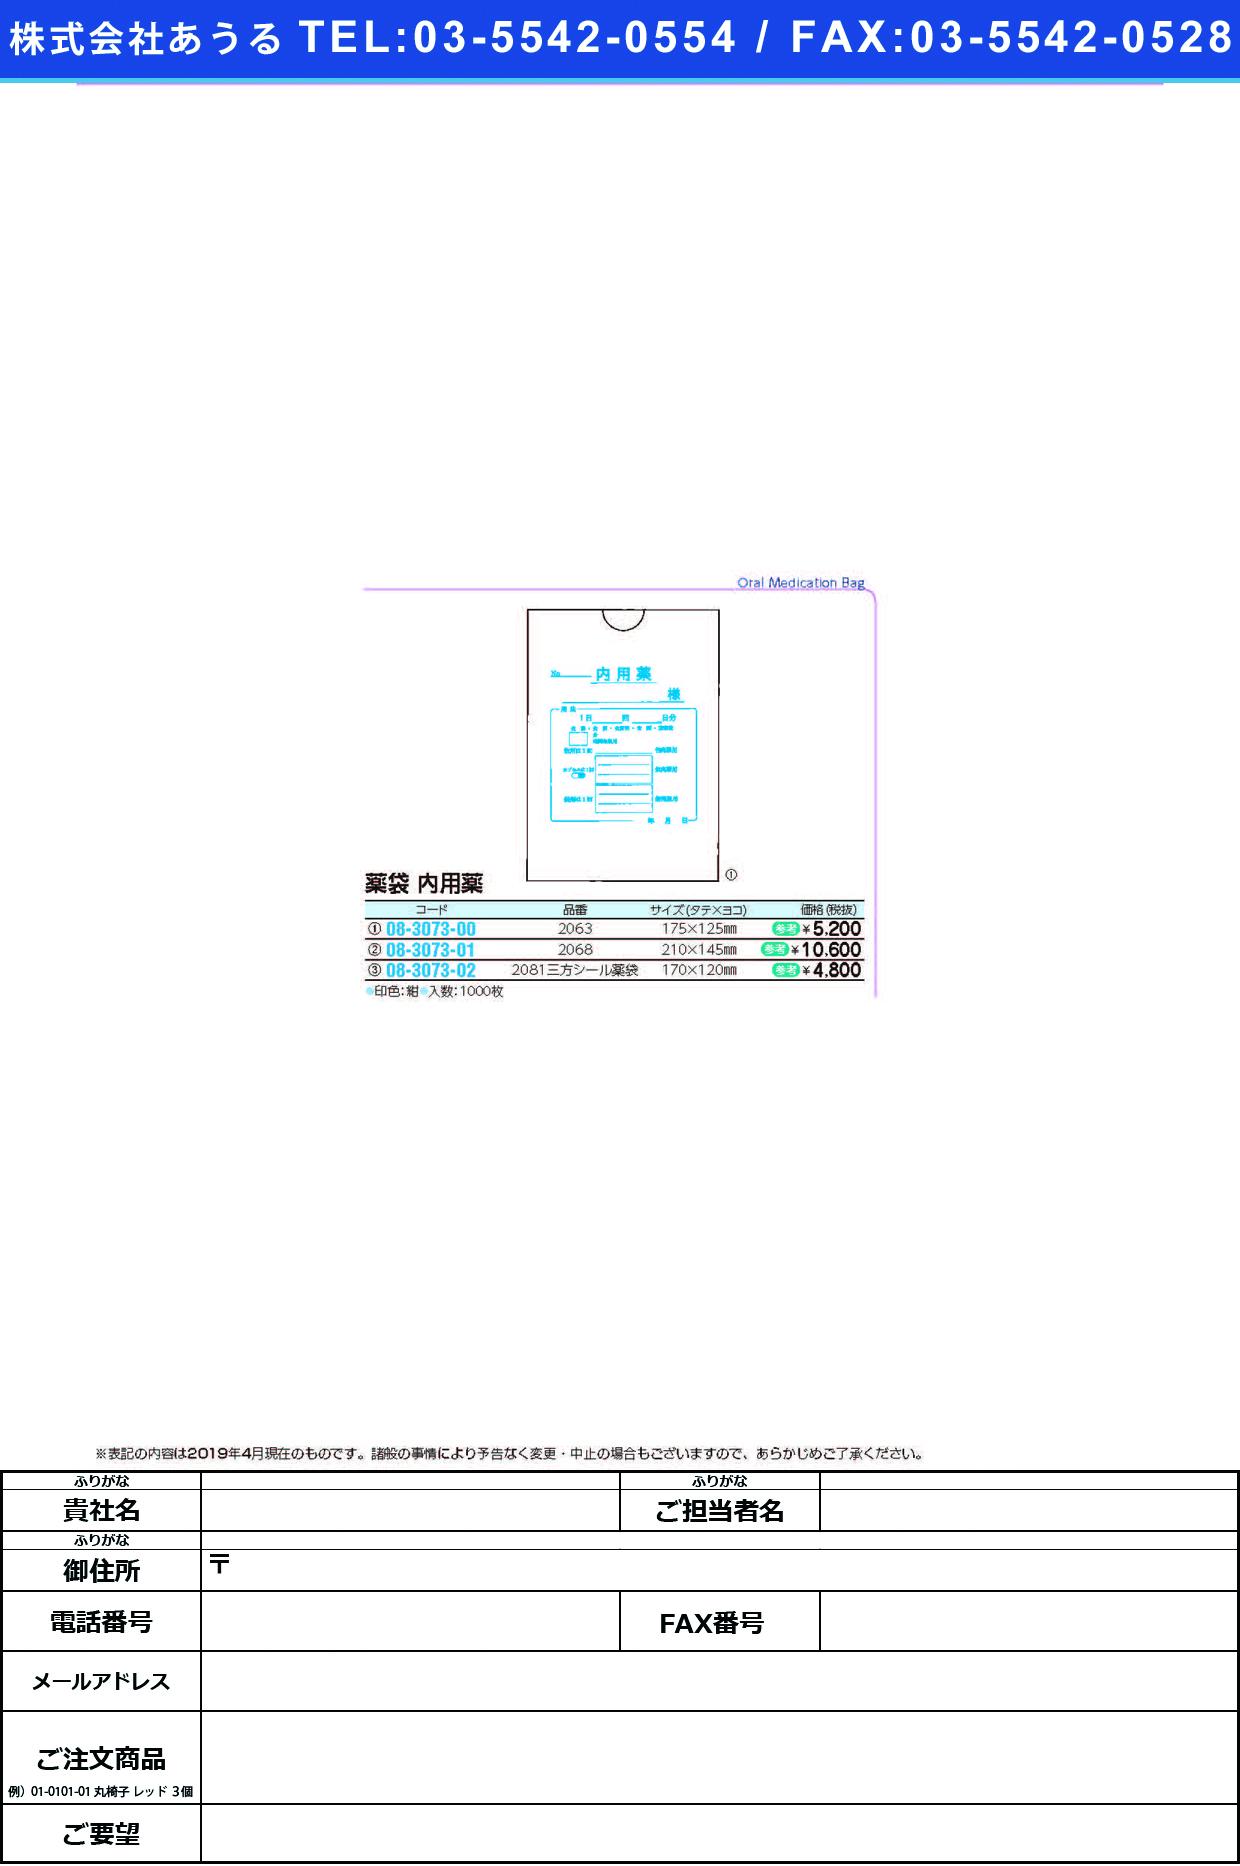 内用薬袋(ヨコ)16切 2063(175X125)1000マイ ナイヨウヤクタイ(ヨコ)16ギリ